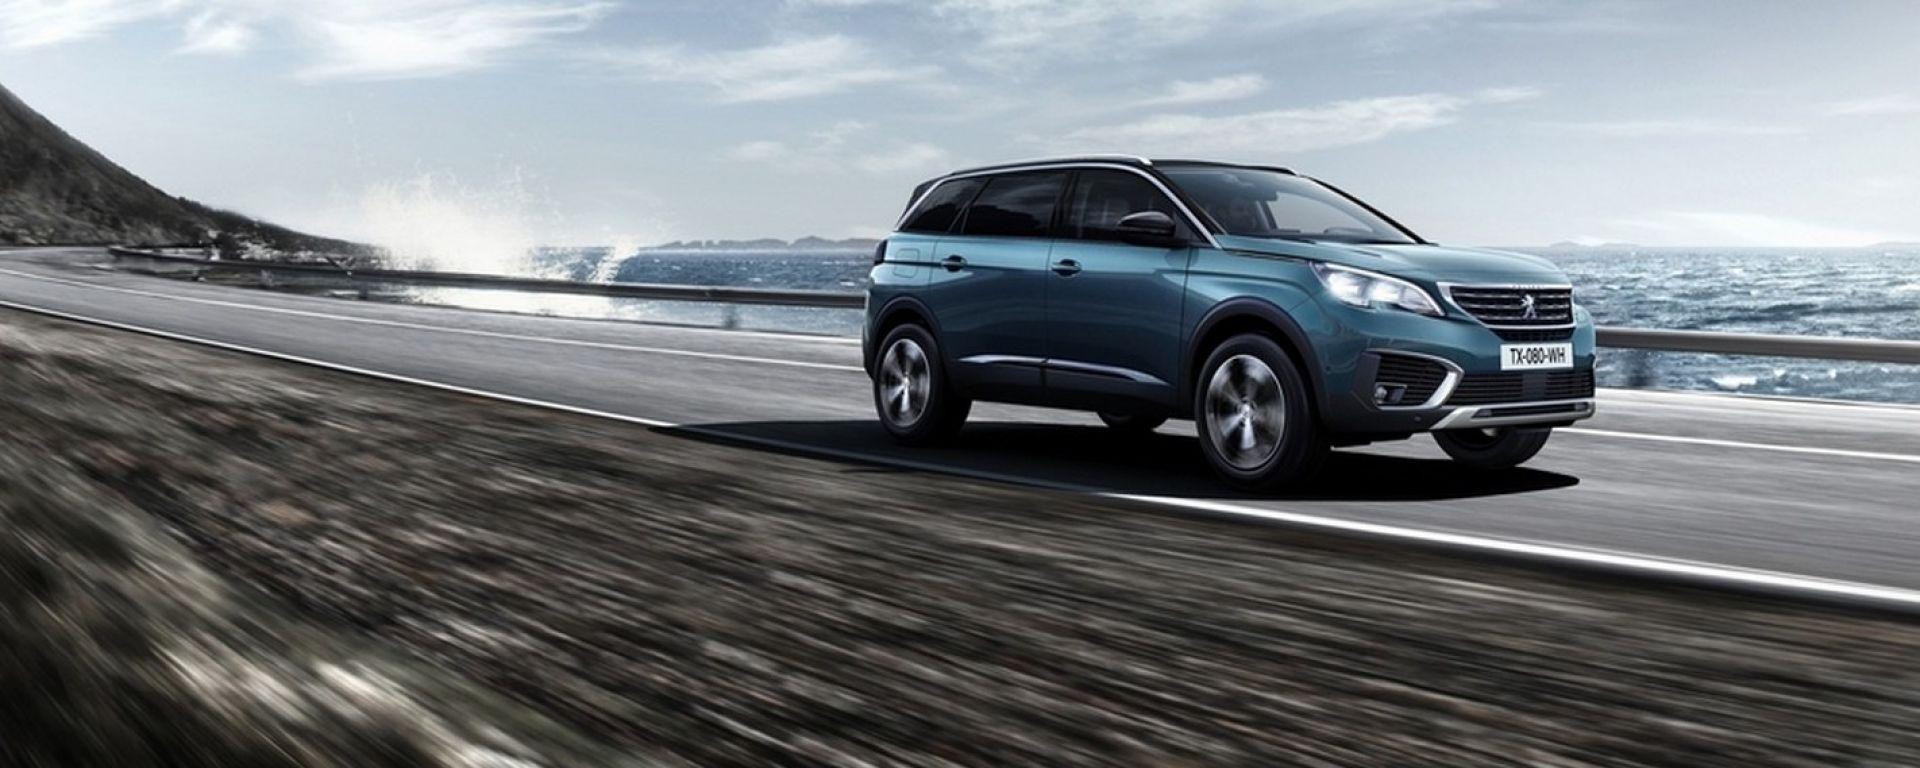 Nuova Peugeot 5008: la monovolume francese cambia forma e anima e diventa una suv